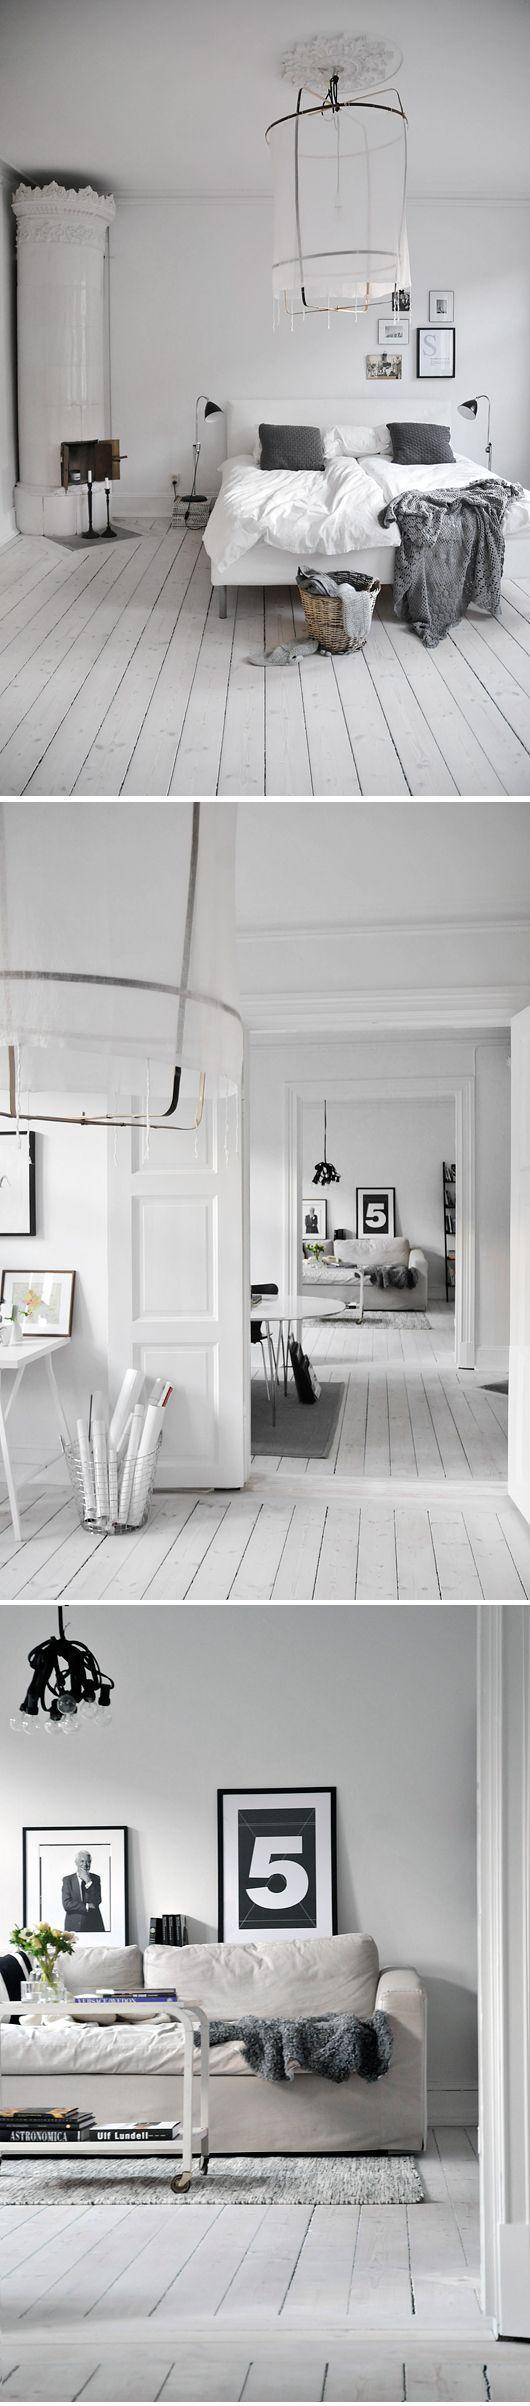 drömlägenhet inredningstips Alvhem interiör